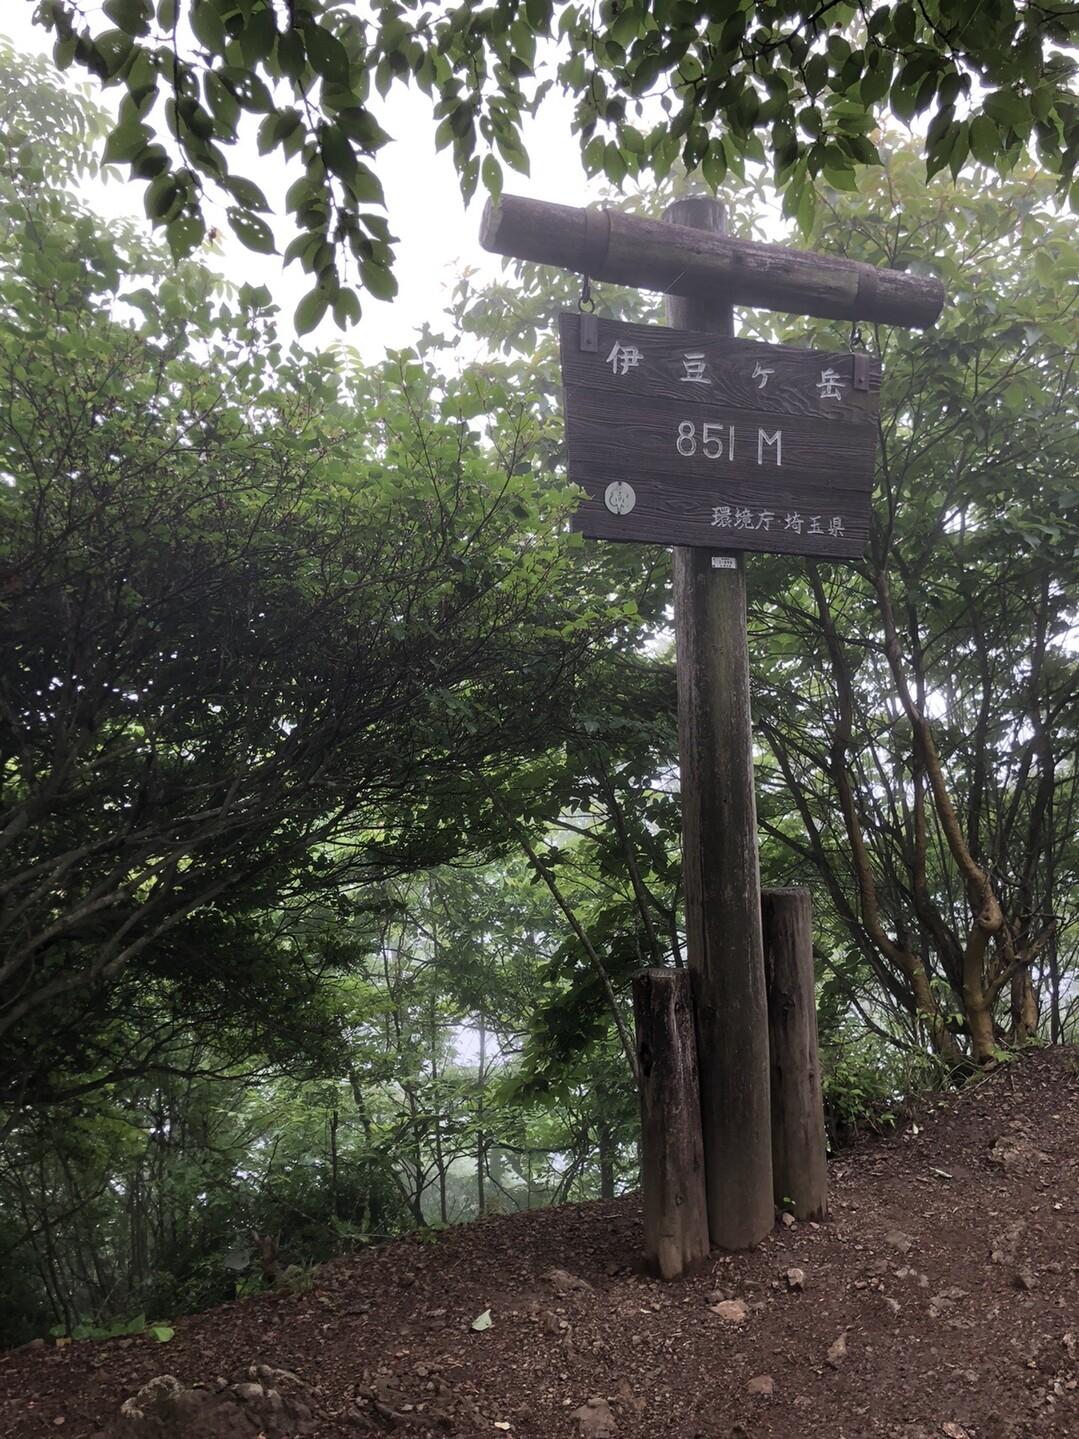 1時間ほどで伊豆ヶ岳に到着!<br> <br> ずっと待ちわびていたにもかかわらず、滞在時間は約1分笑笑<br> だってなんもねーんだもん、頭が高ぇよ!(何様)<br> <br> あ、伊豆ヶ岳おばさんの石碑を撮るの忘れてました、、、😂<br> <br>